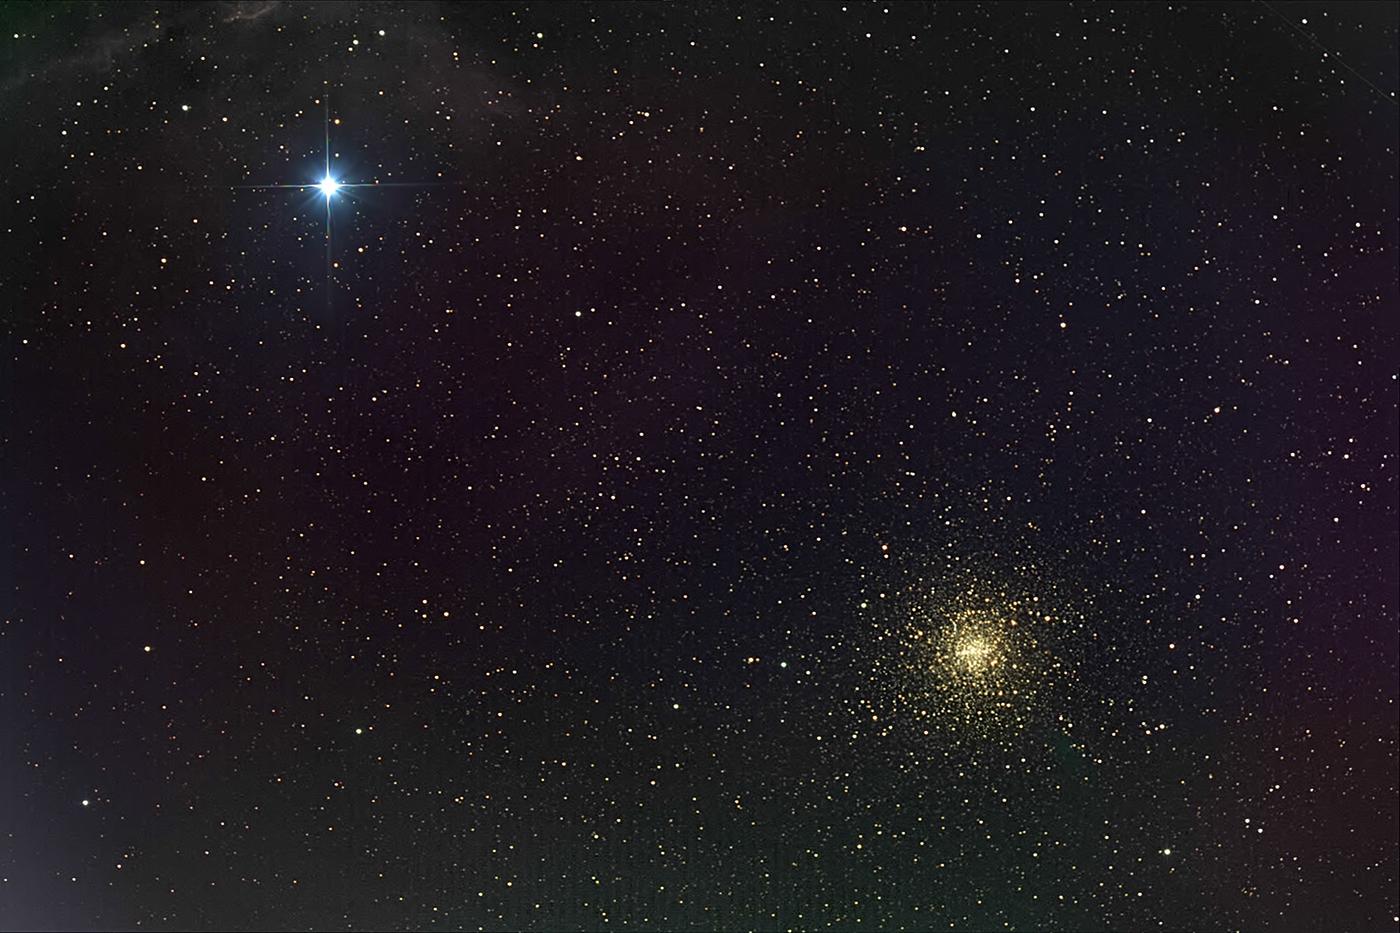 20170422-M4-sigma scorpiusHRGB.jpg